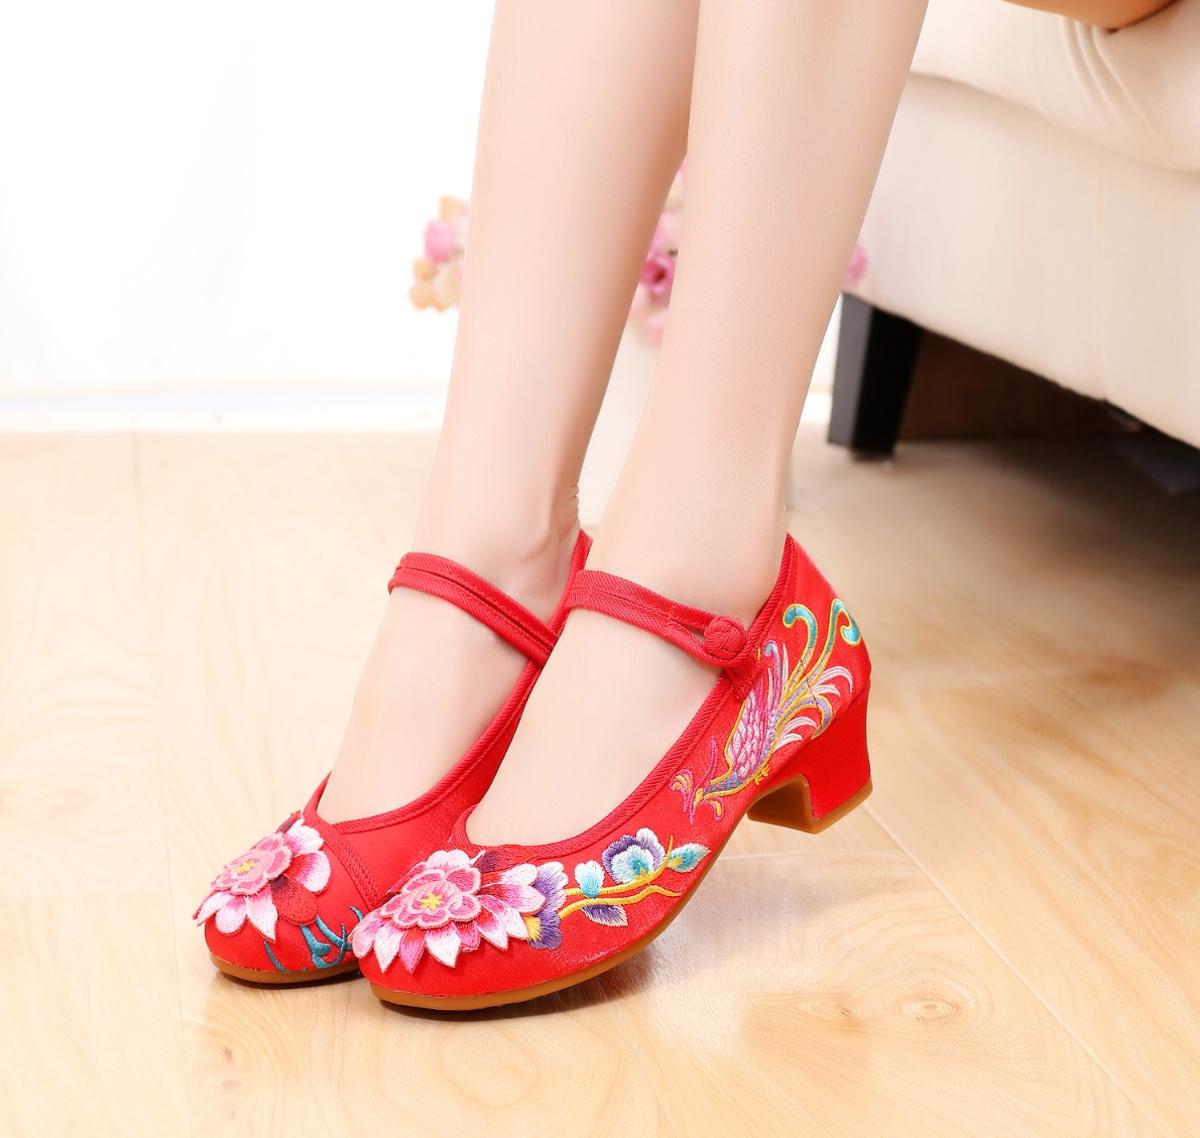 坡跟鞋 民族绣花鞋坡跟中国风粗跟红色复古鞋2020新款小跟鞋老北京布鞋女_推荐淘宝好看的女坡跟鞋